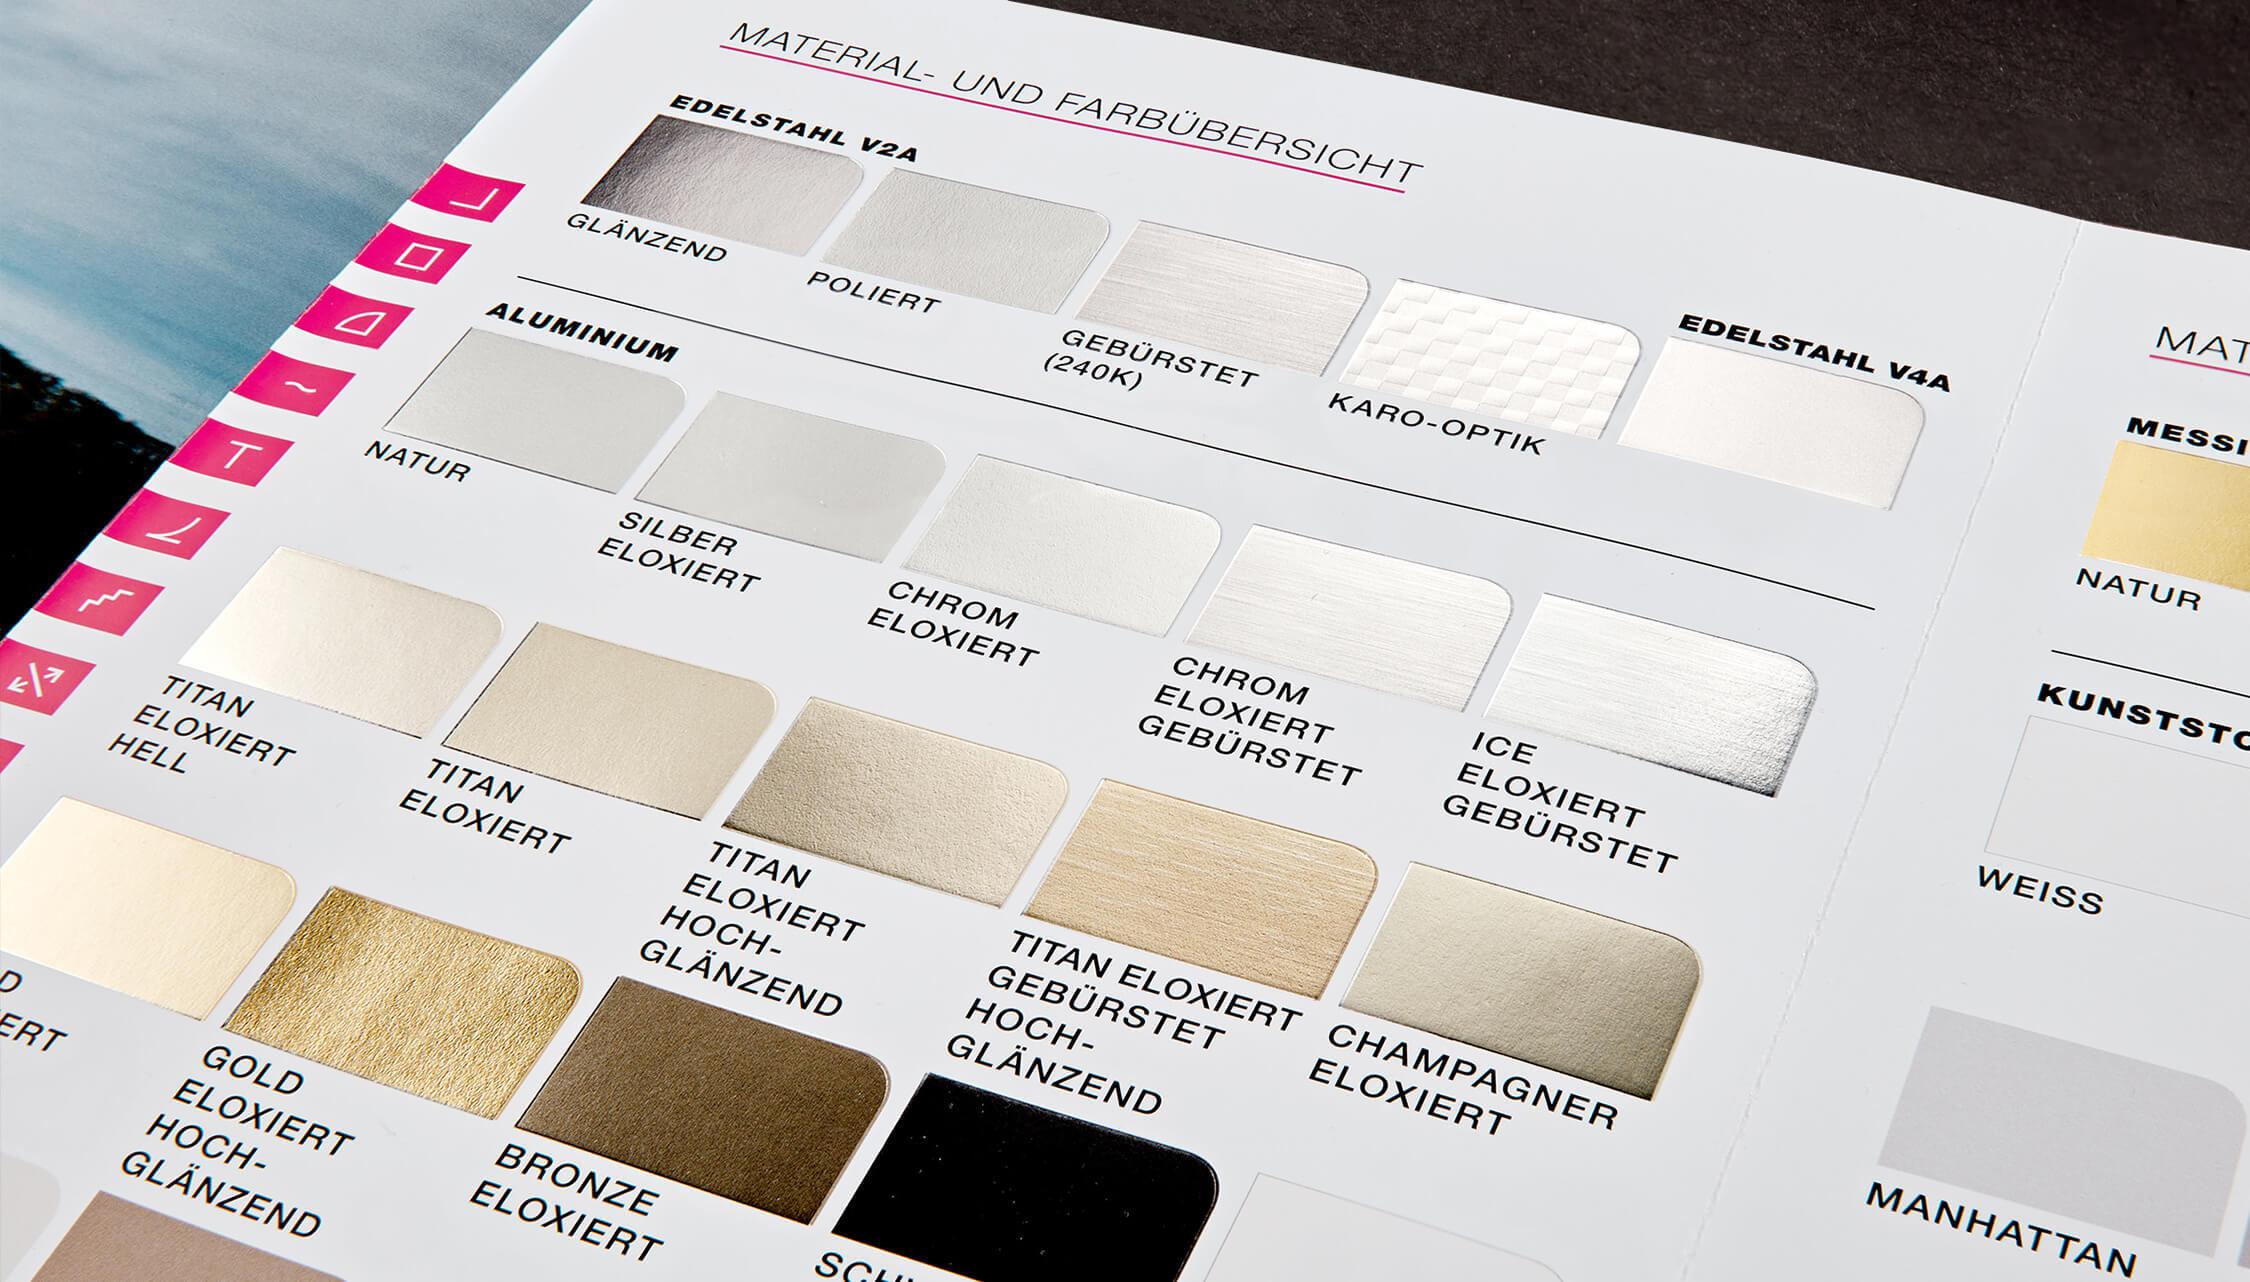 eine marke f r profis medien bergreifende betreuung der marke alferpro kommunikation design. Black Bedroom Furniture Sets. Home Design Ideas